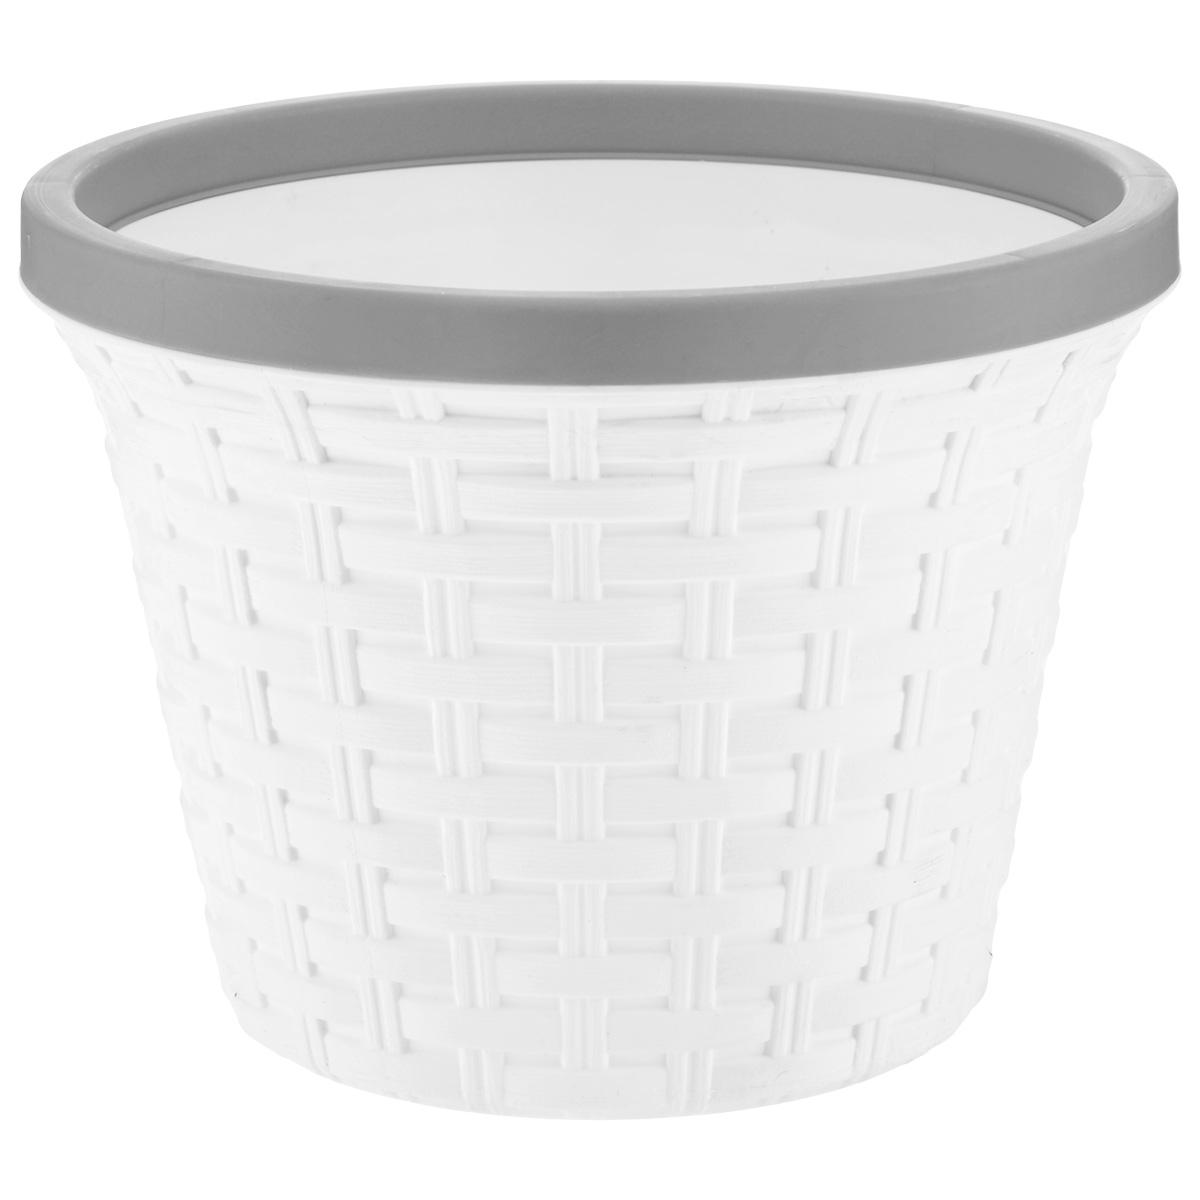 Кашпо Violet Ротанг, с дренажной системой, цвет: белый, 6,5 л32650/6Кашпо Violet Ротанг изготовлено из высококачественного пластика и оснащено дренажной системой для быстрого отведения избытка воды при поливе. Изделие прекрасно подходит для выращивания растений и цветов в домашних условиях. Лаконичный дизайн впишется в интерьер любого помещения. Объем: 6,5 л.